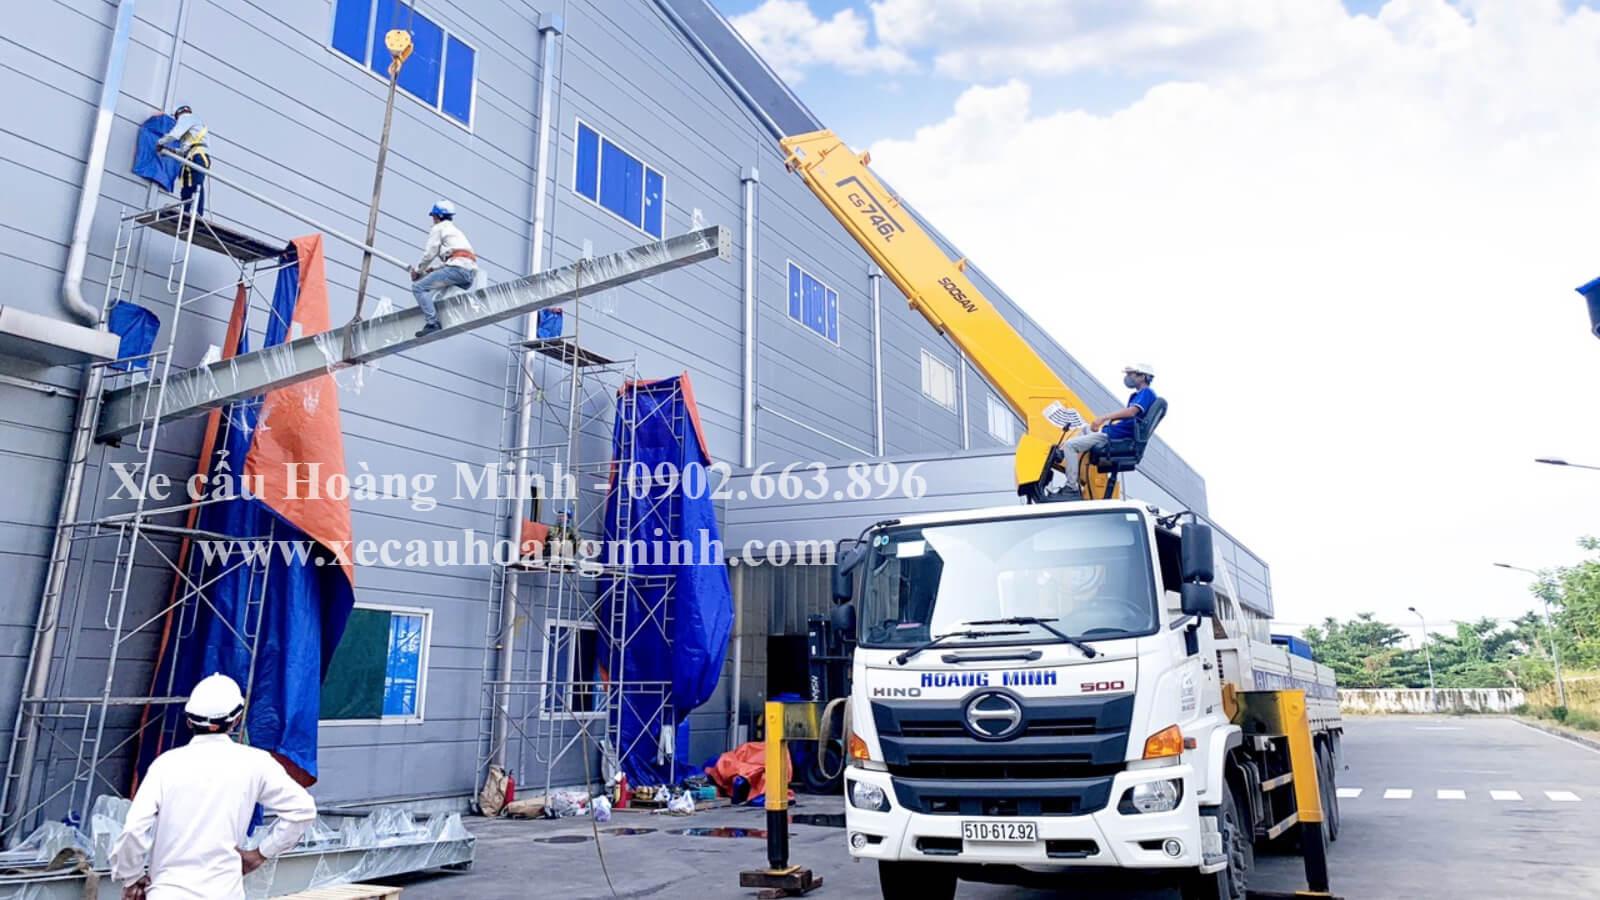 xe cẩu hỗ trợ lắp đặt thiết bị công trình